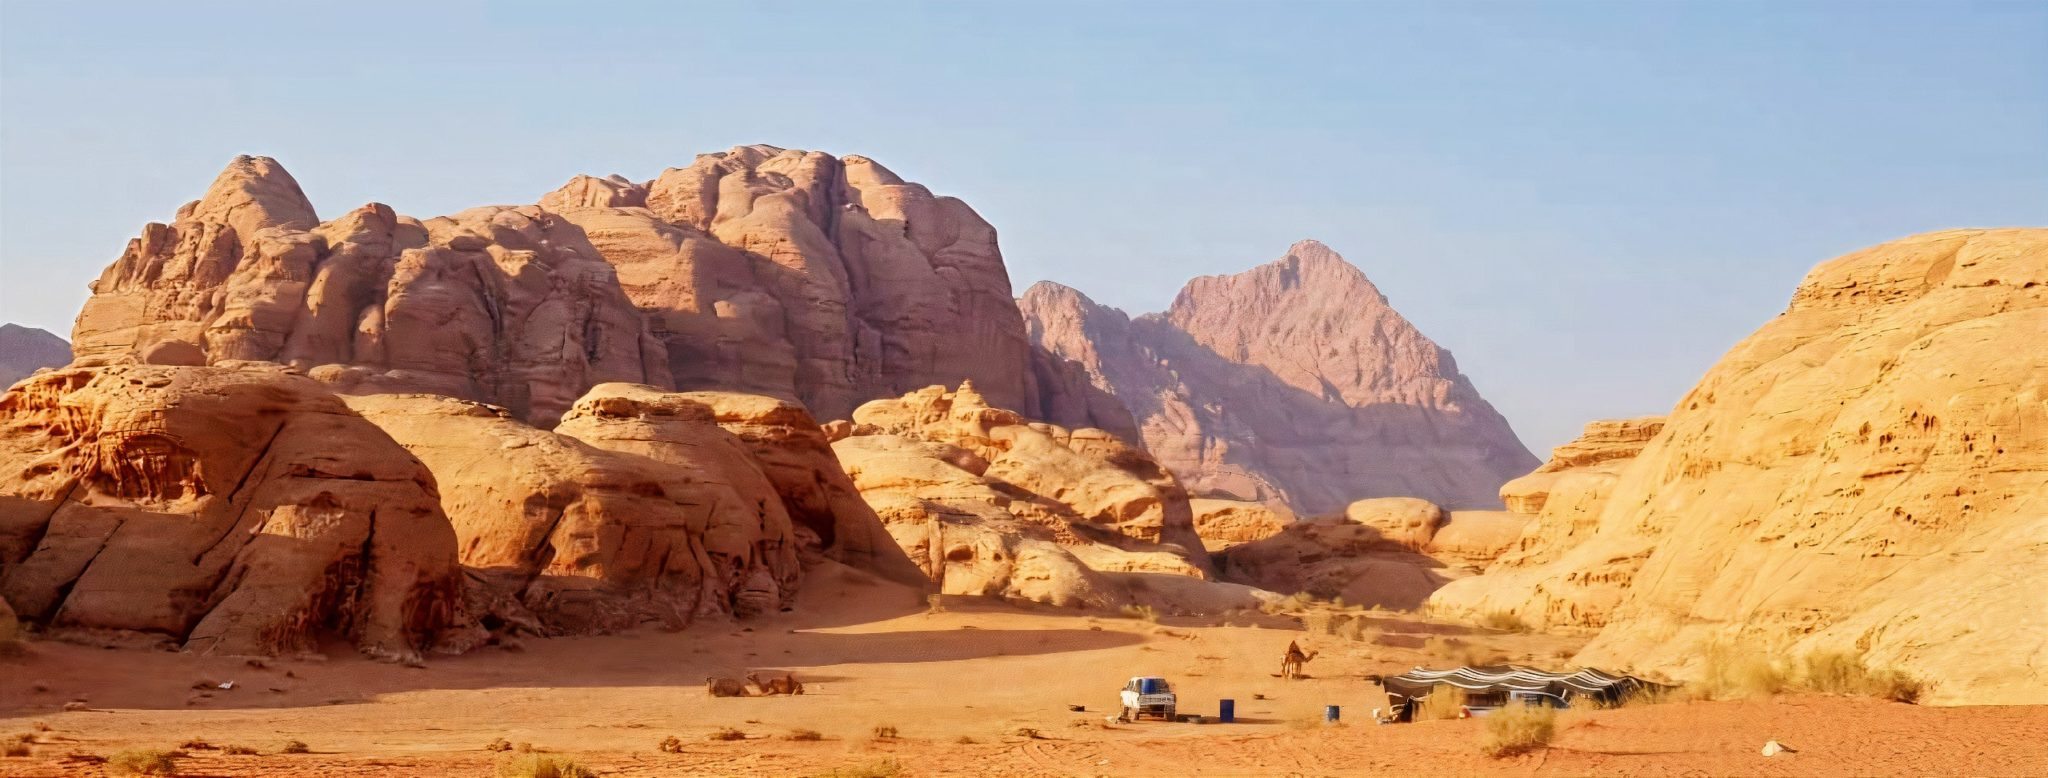 8 -Voyages combinés Égypte et la Jordanie - Photo principale